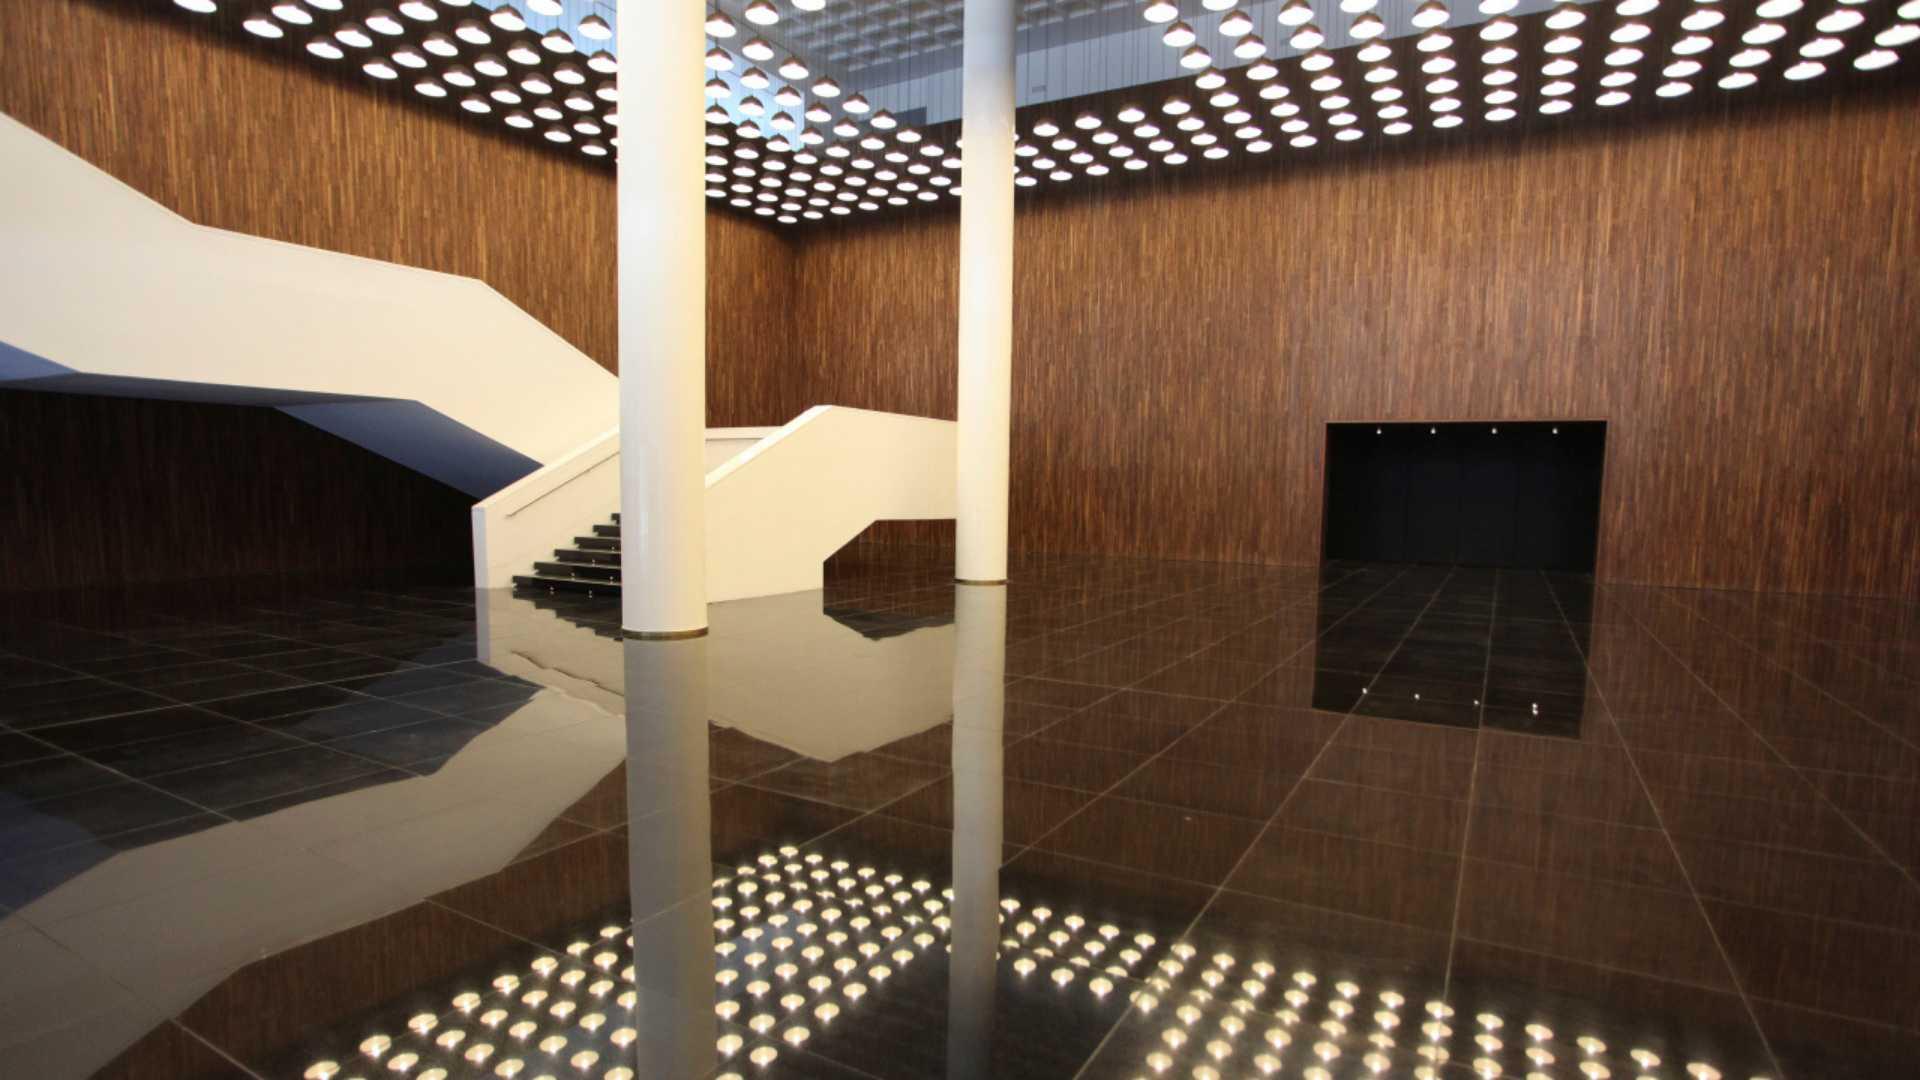 ADDA,  Auditorium des Provinzialrats von Alicante